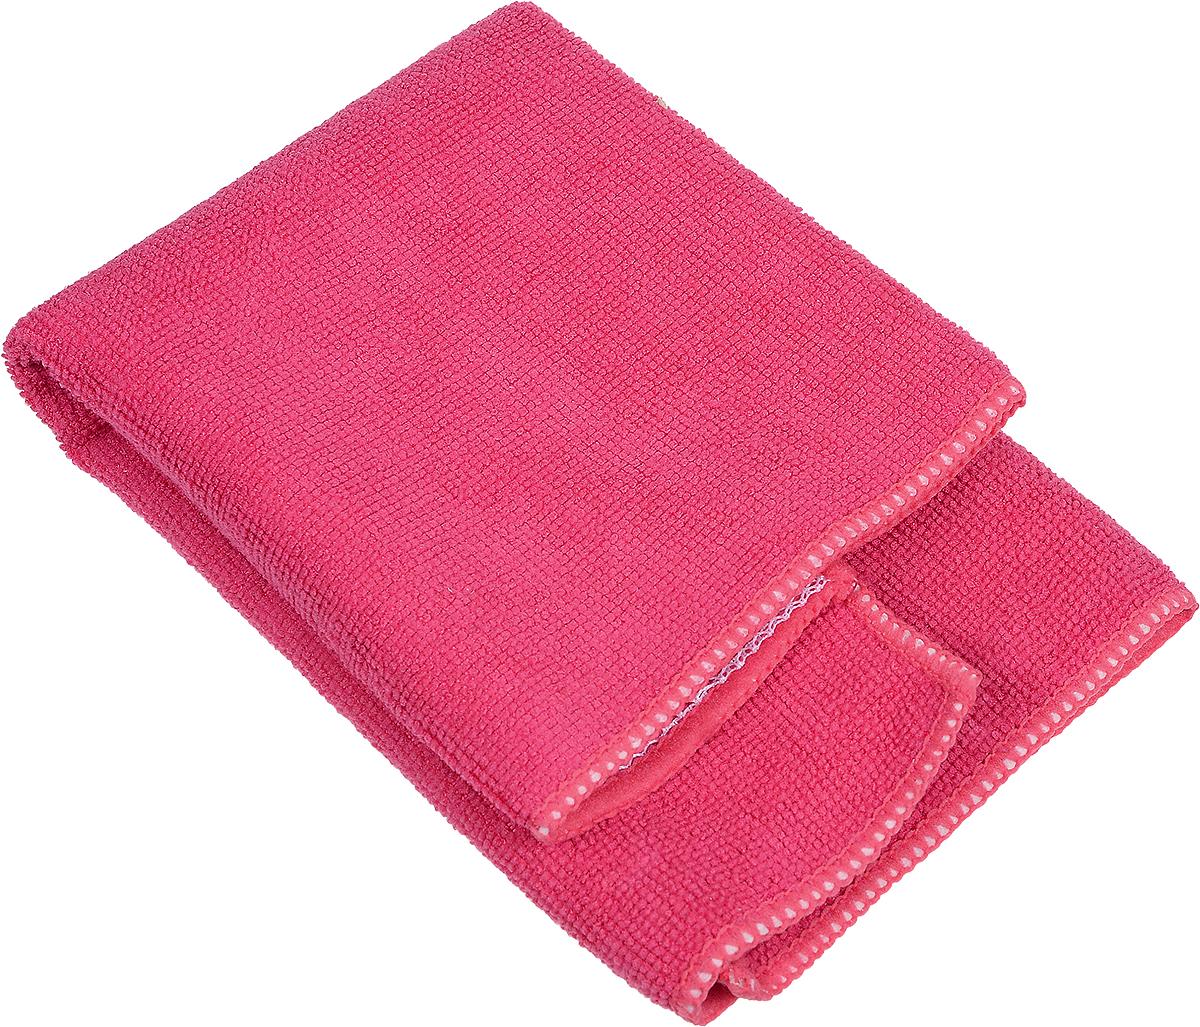 Салфетка чистящая для мытья и полировки автомобиля Sapfire Netting Cloth, цвет: красный, 35 х 35 см3002-SFM_красныйСалфетка Sapfire Netting cloth, выполненная из высококачественной микрофибры (80% полиэстер, 20% полиамид), предназначена для очистки сложноудаляемых загрязнений. С одной стороны салфетка покрыта сеткой. Благодаря своей сетчатой структуре она эффективно удаляет с твердых поверхностей засохшую грязь, смолу и почки деревьев, прилипших насекомых.Клиновидные микроскопические волокна захватывают и легко удерживают частички пыли, жировой и никотиновый налет, микроорганизмы, в том числе болезнетворные и вызывающие аллергию. Салфетка из микрофибры обладает уникальной способностью быстро впитывать большой объем жидкости (в 8 раз больше собственной массы). Салфетка великолепно моет и сушит. Протертая поверхность становится идеально чистой, сухой, блестящей, без разводов и ворсинок.Технология изготовления микрофибры Сапфир гарантирует великолепные чистящие и адсорбирующие свойства, повышенную мягкость, плотность и длительность использования.